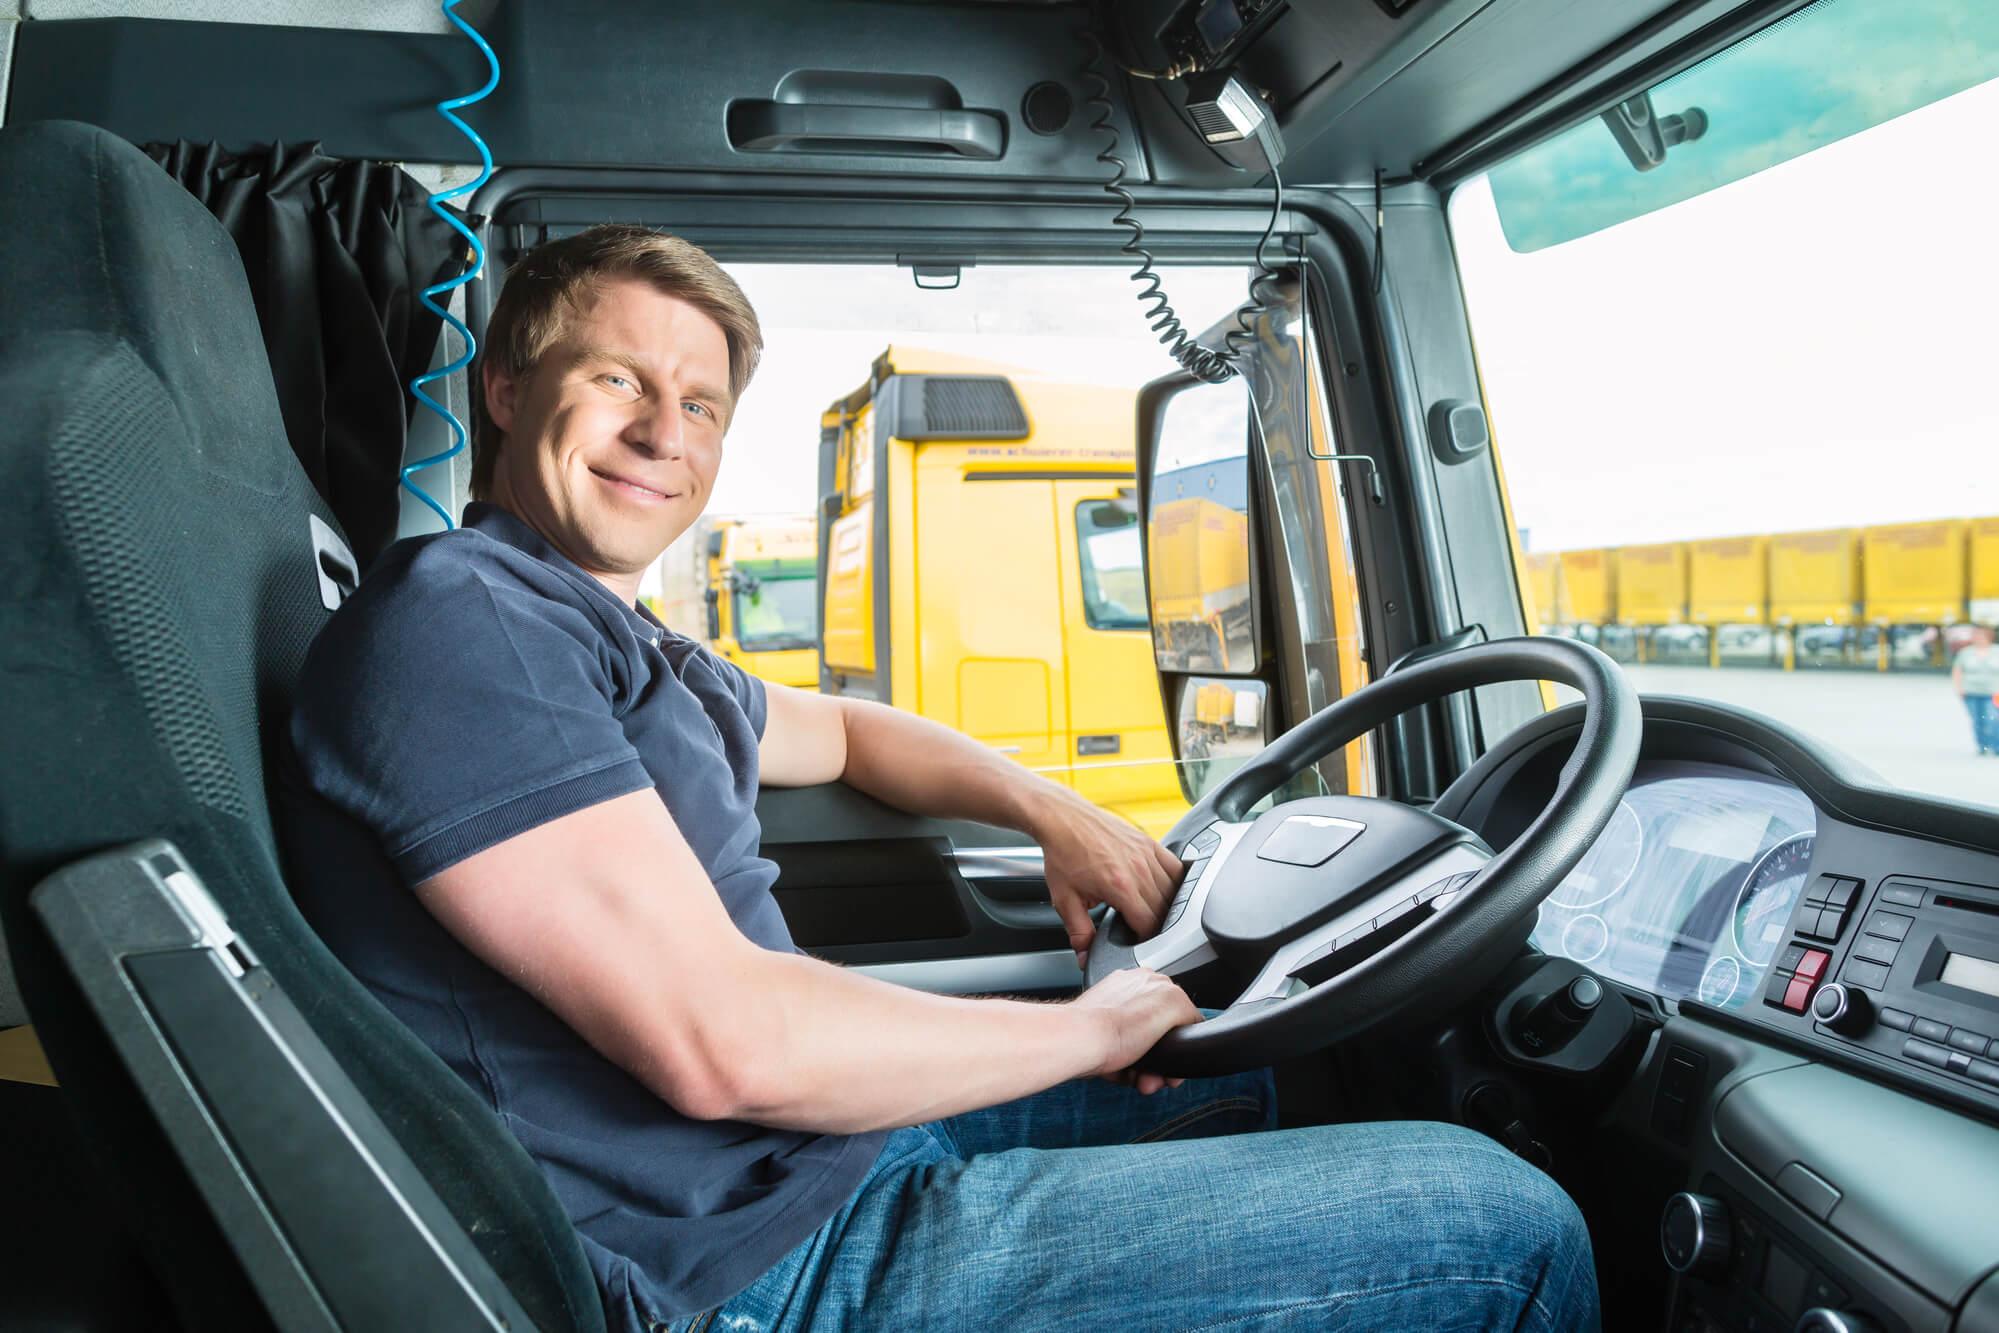 Licencja transportowa: kto jej potrzebuje i kto może ją wystawić